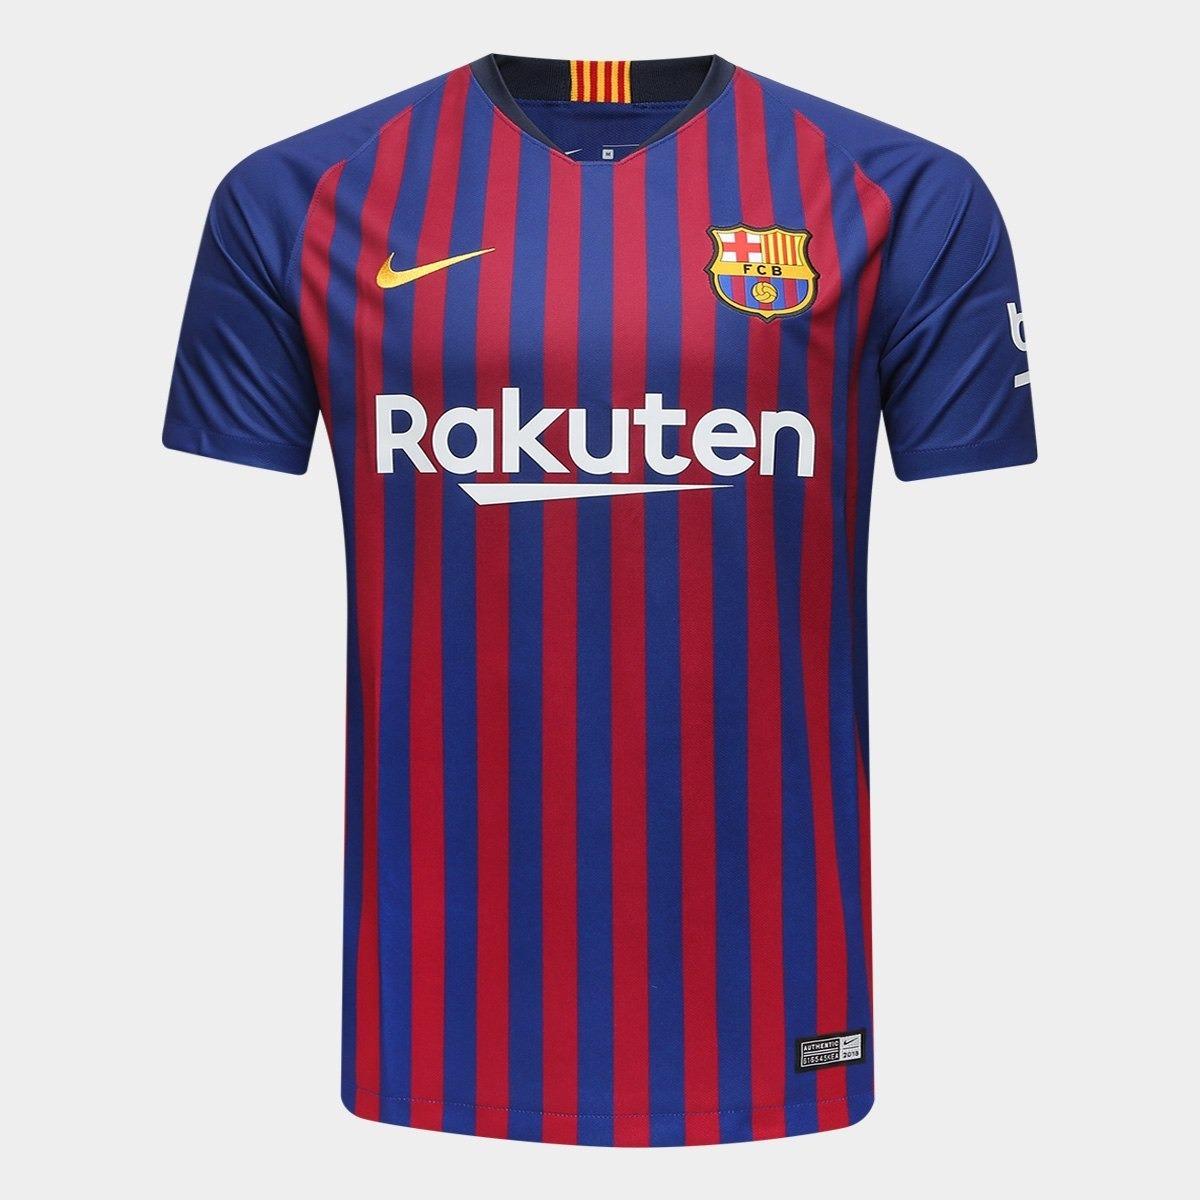 ba816071cb Nova Camisa Barcelona 2018-2019 Original Nike Oficial Promo! - R  99 ...